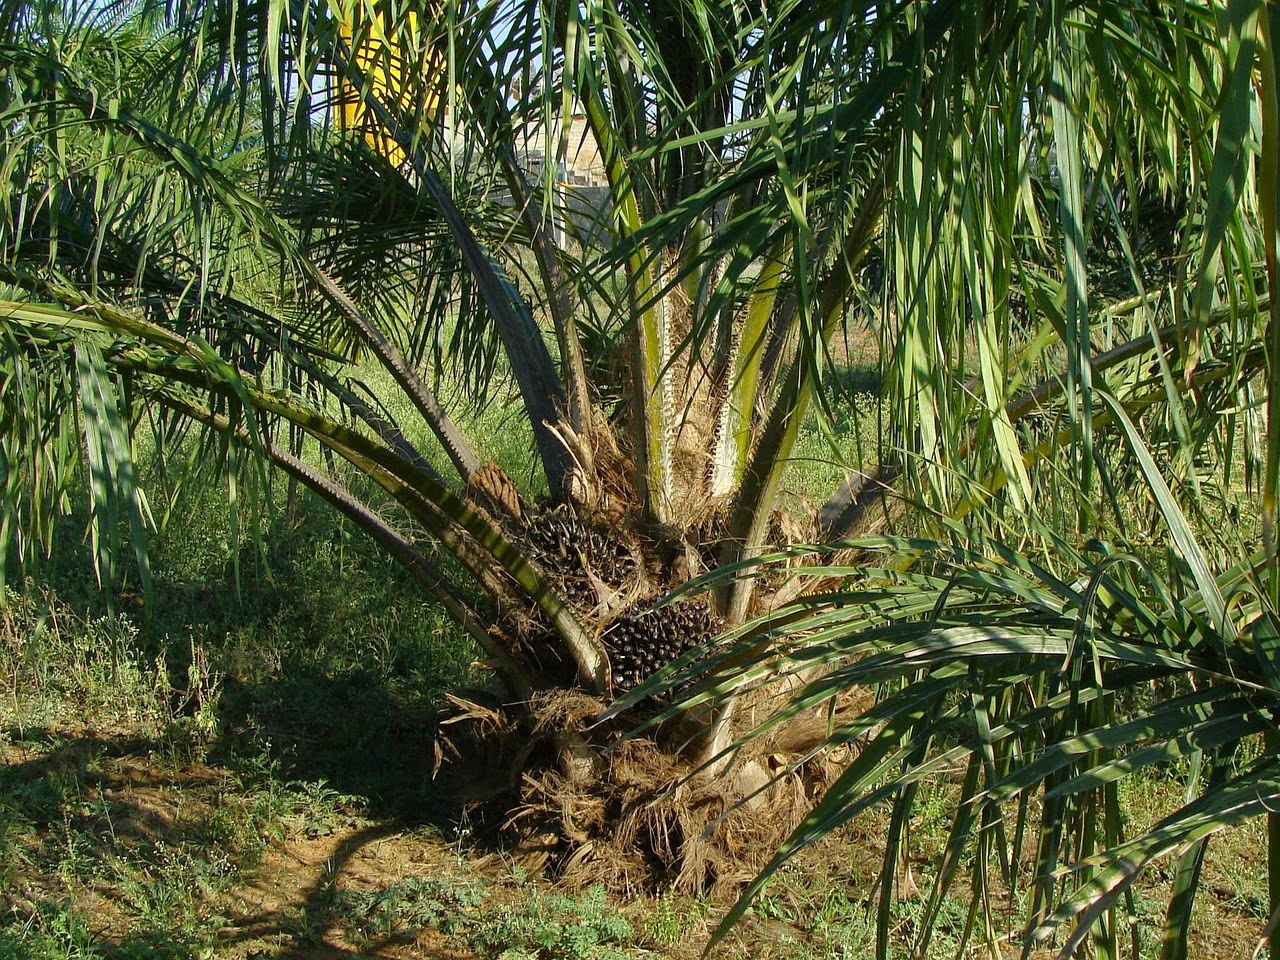 Olio di palma la storia dell 39 olio pi commercializzato al - Storia di palma domenica ks1 ...